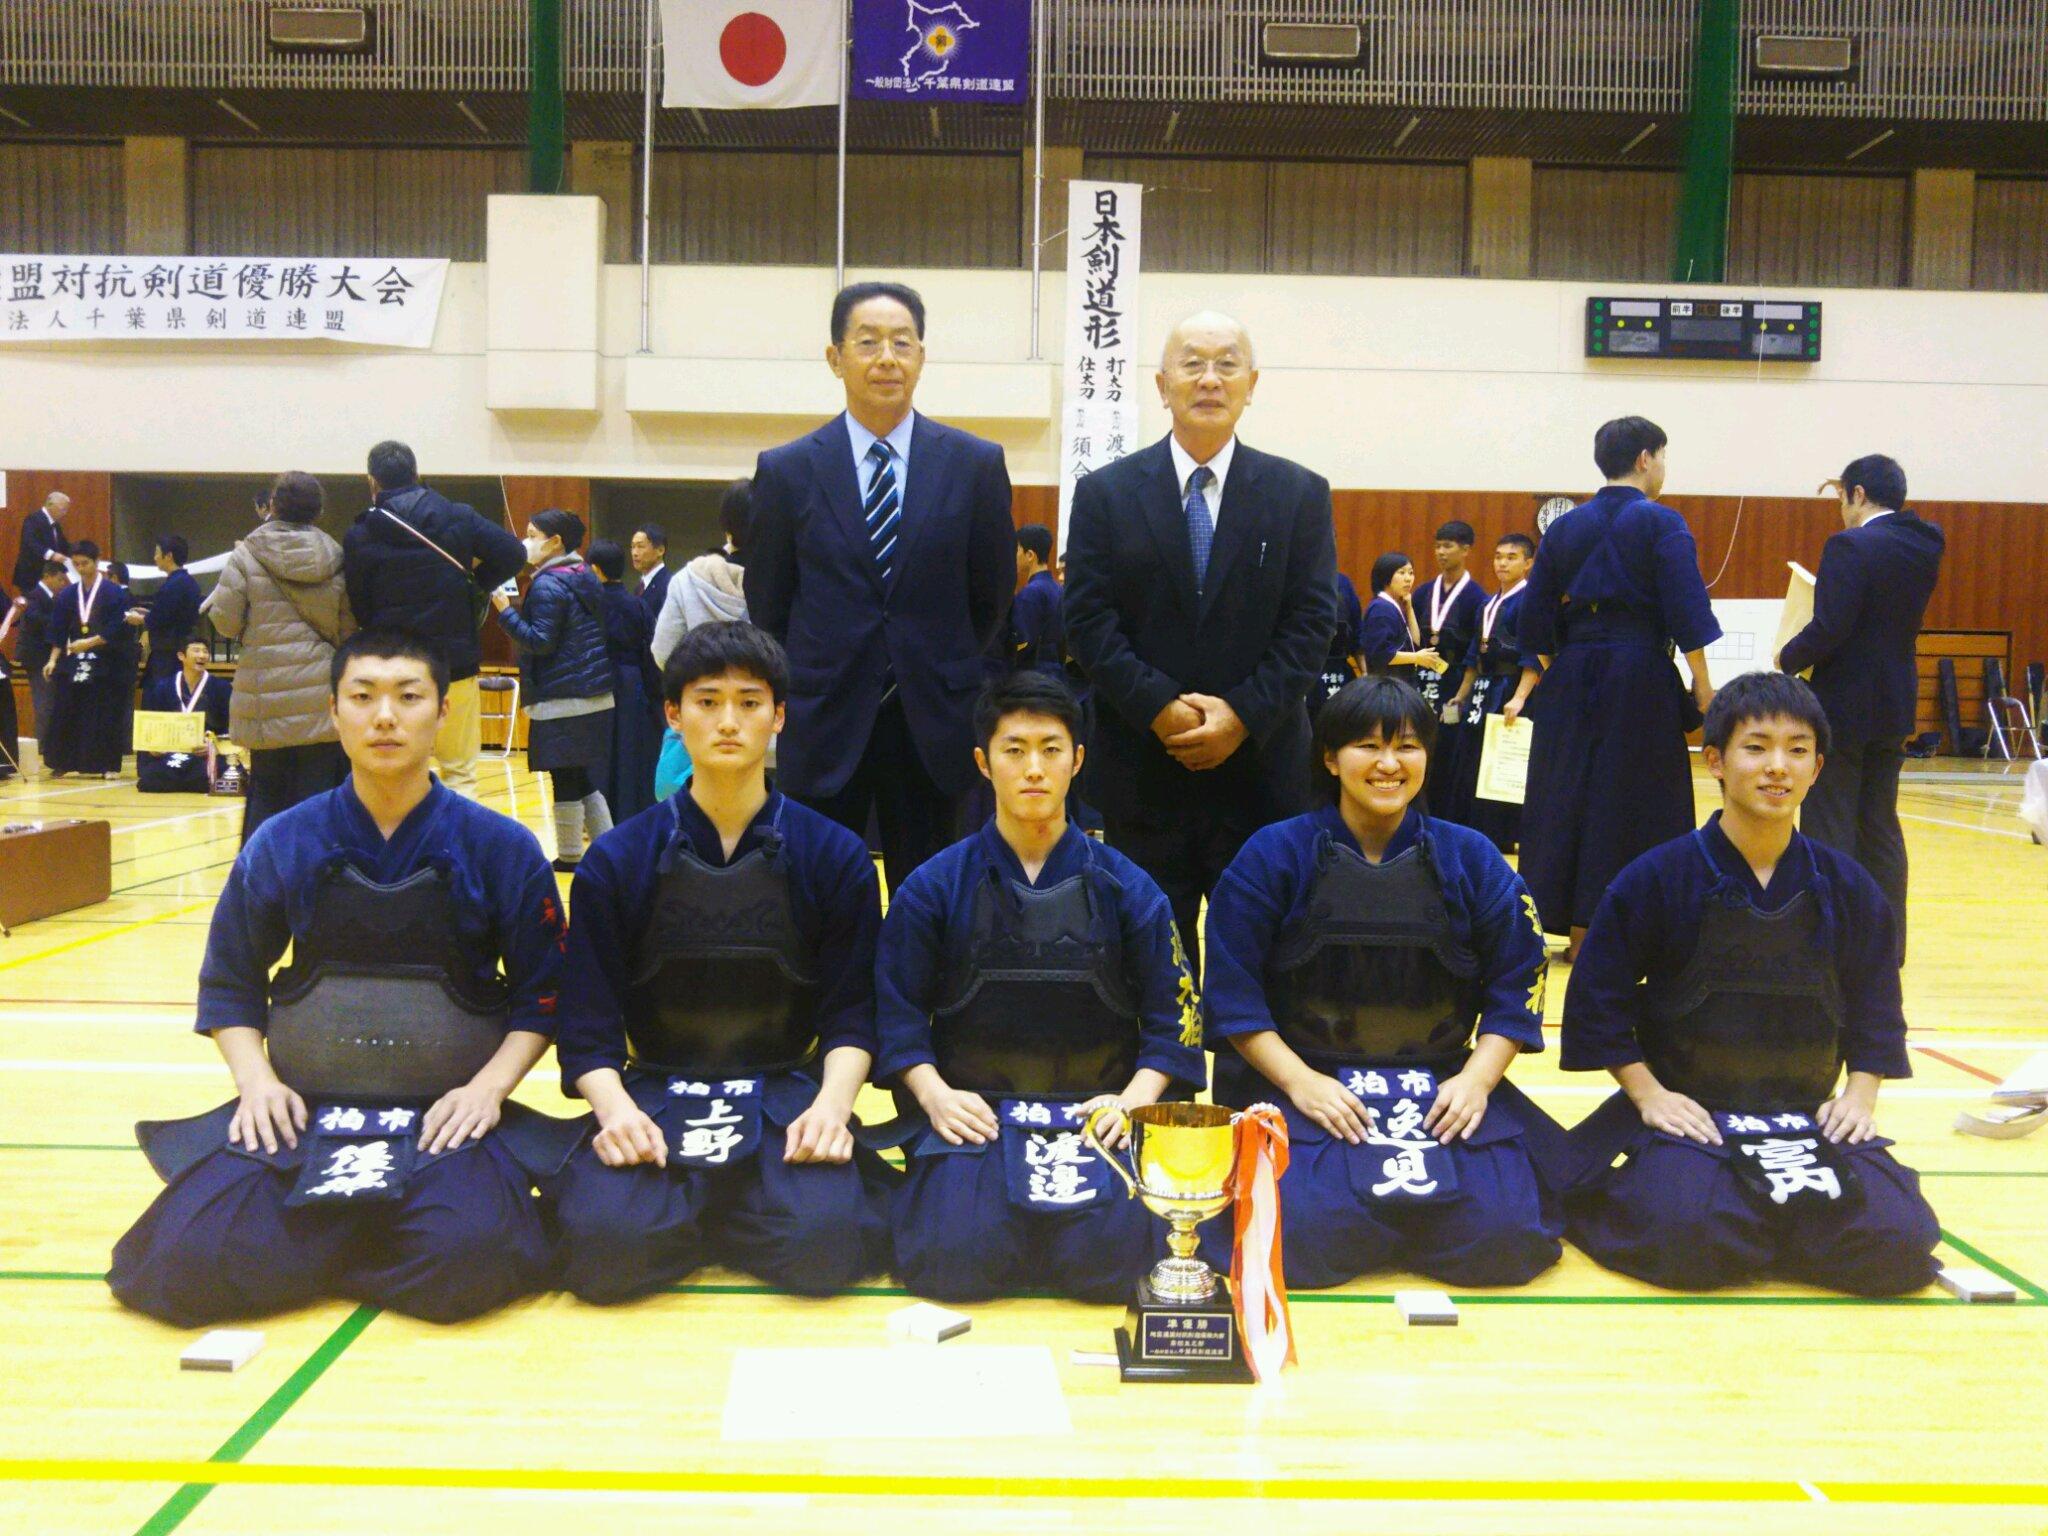 剣道四・五段合格者 | 一般財団法人新潟県剣道連盟